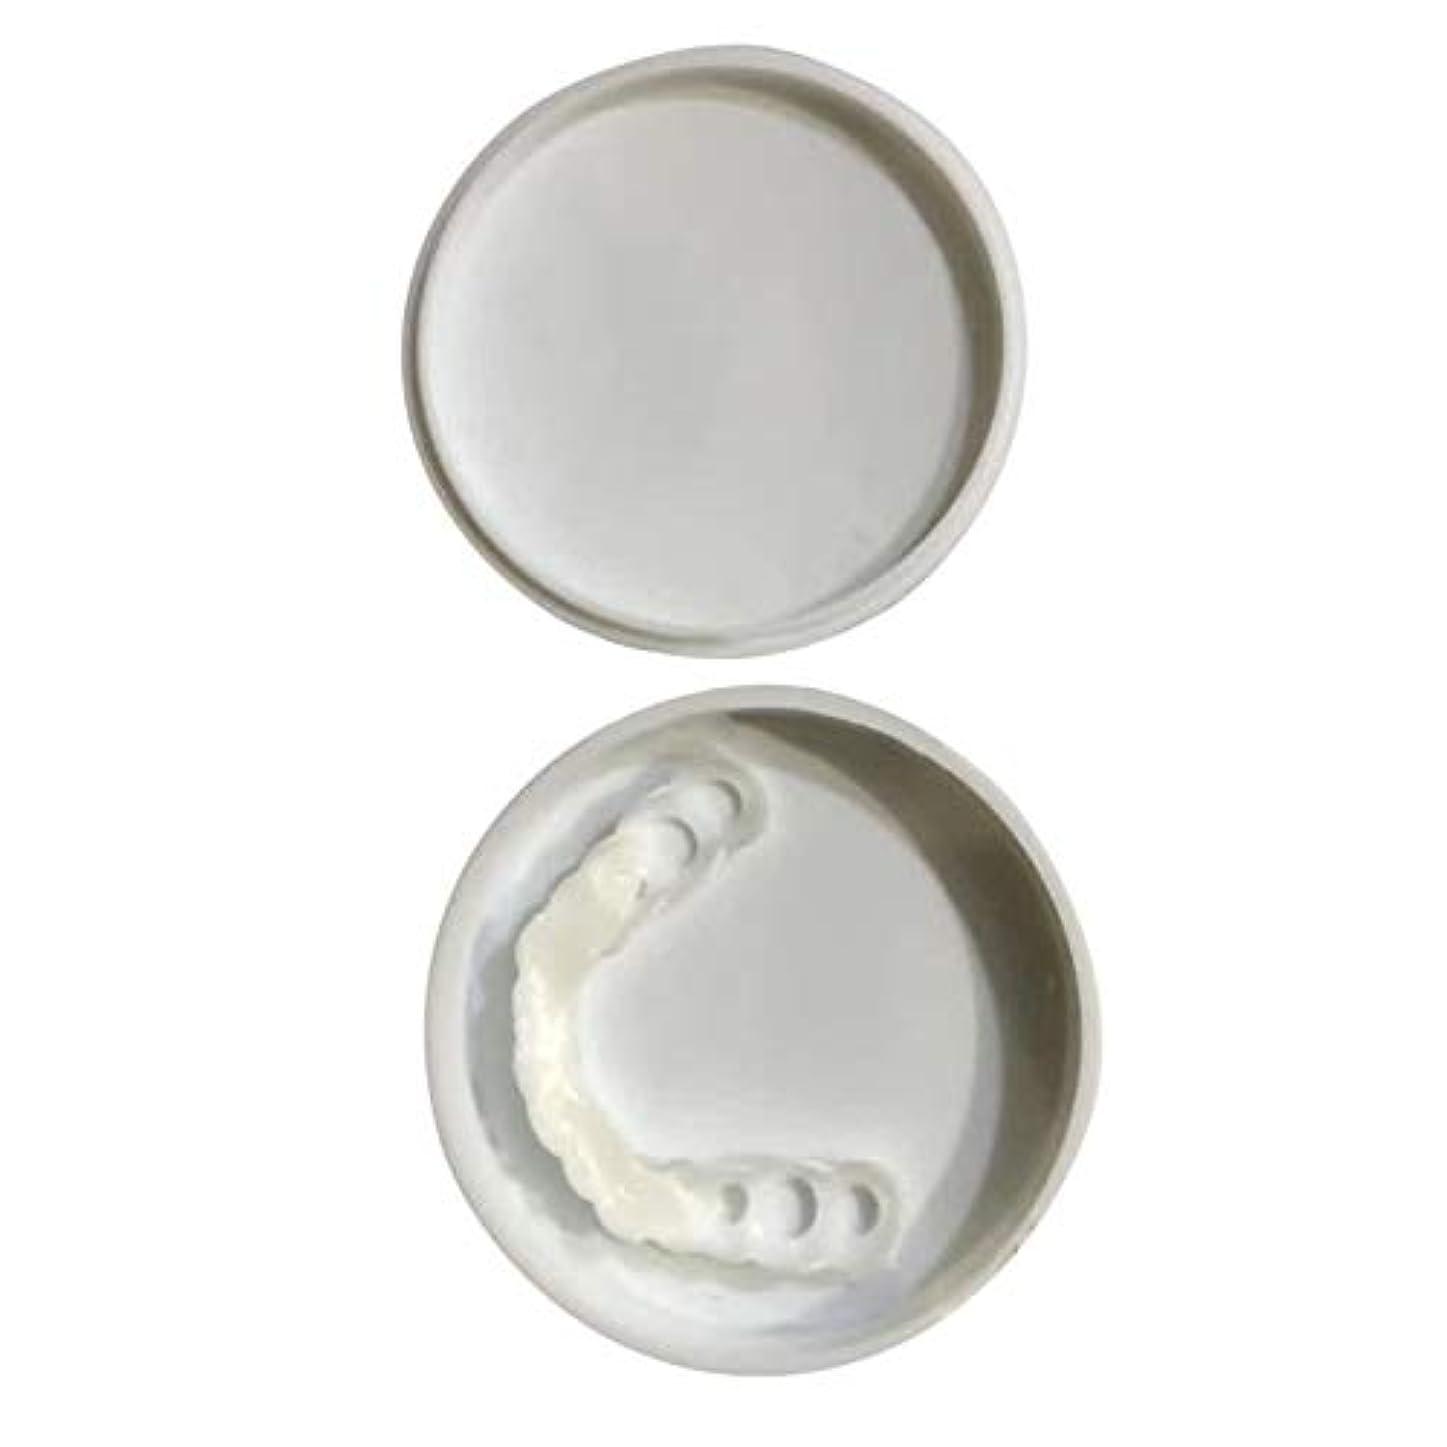 ジョグ立証する時期尚早快適なスナップオン男性女性歯インスタントパーフェクトスマイルコンフォートフィットフレックス歯フィットホワイトニング笑顔偽歯カバー - ホワイト